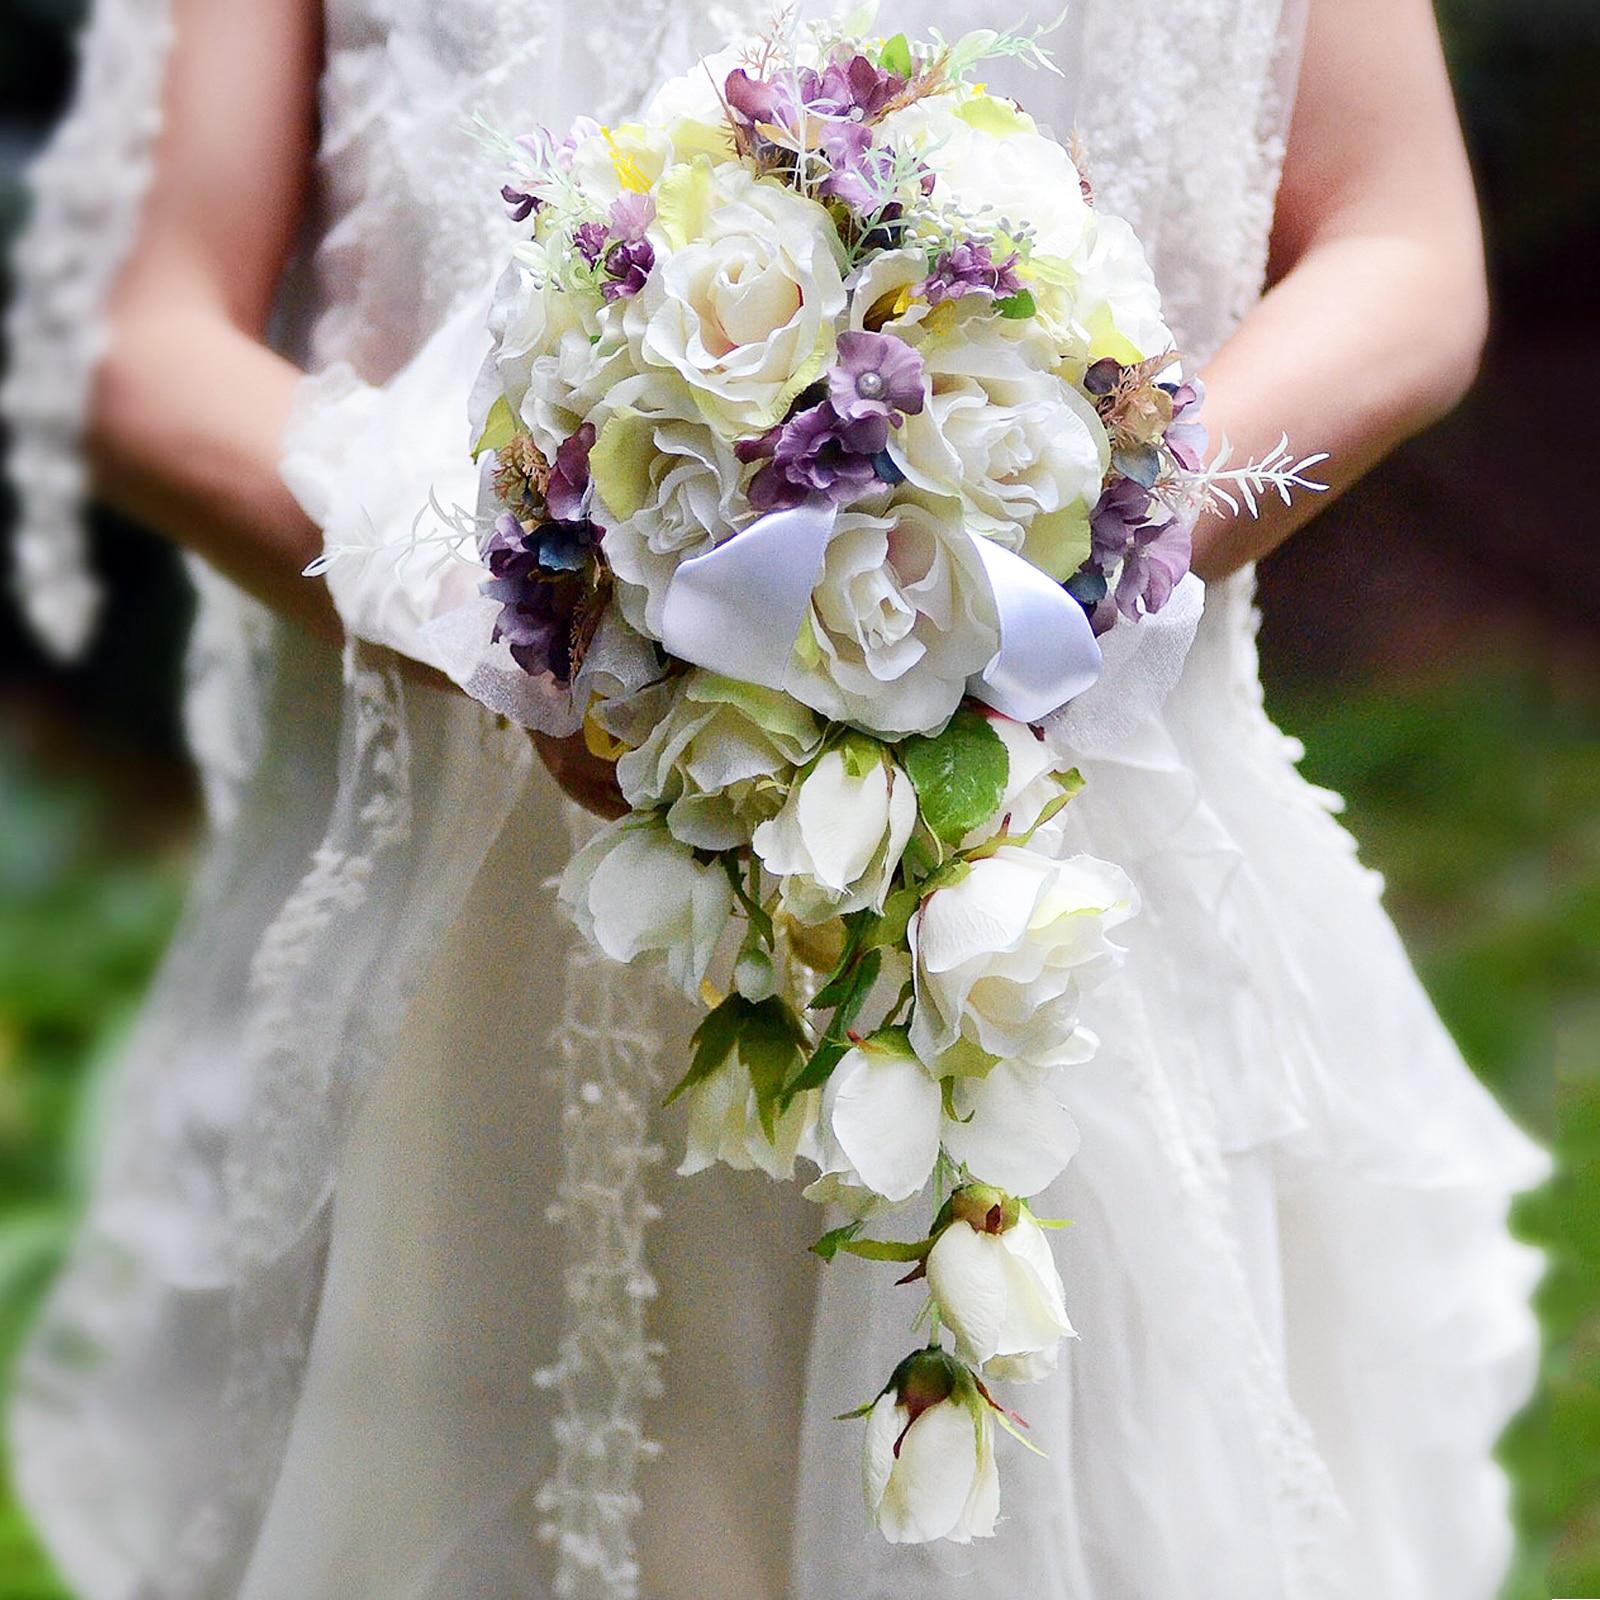 32x24x45 cm fleurs de mariage blanc violet Bouquets de mariée Bouquets de mariage artificiels Bouquet de fleurs de soie de mariée